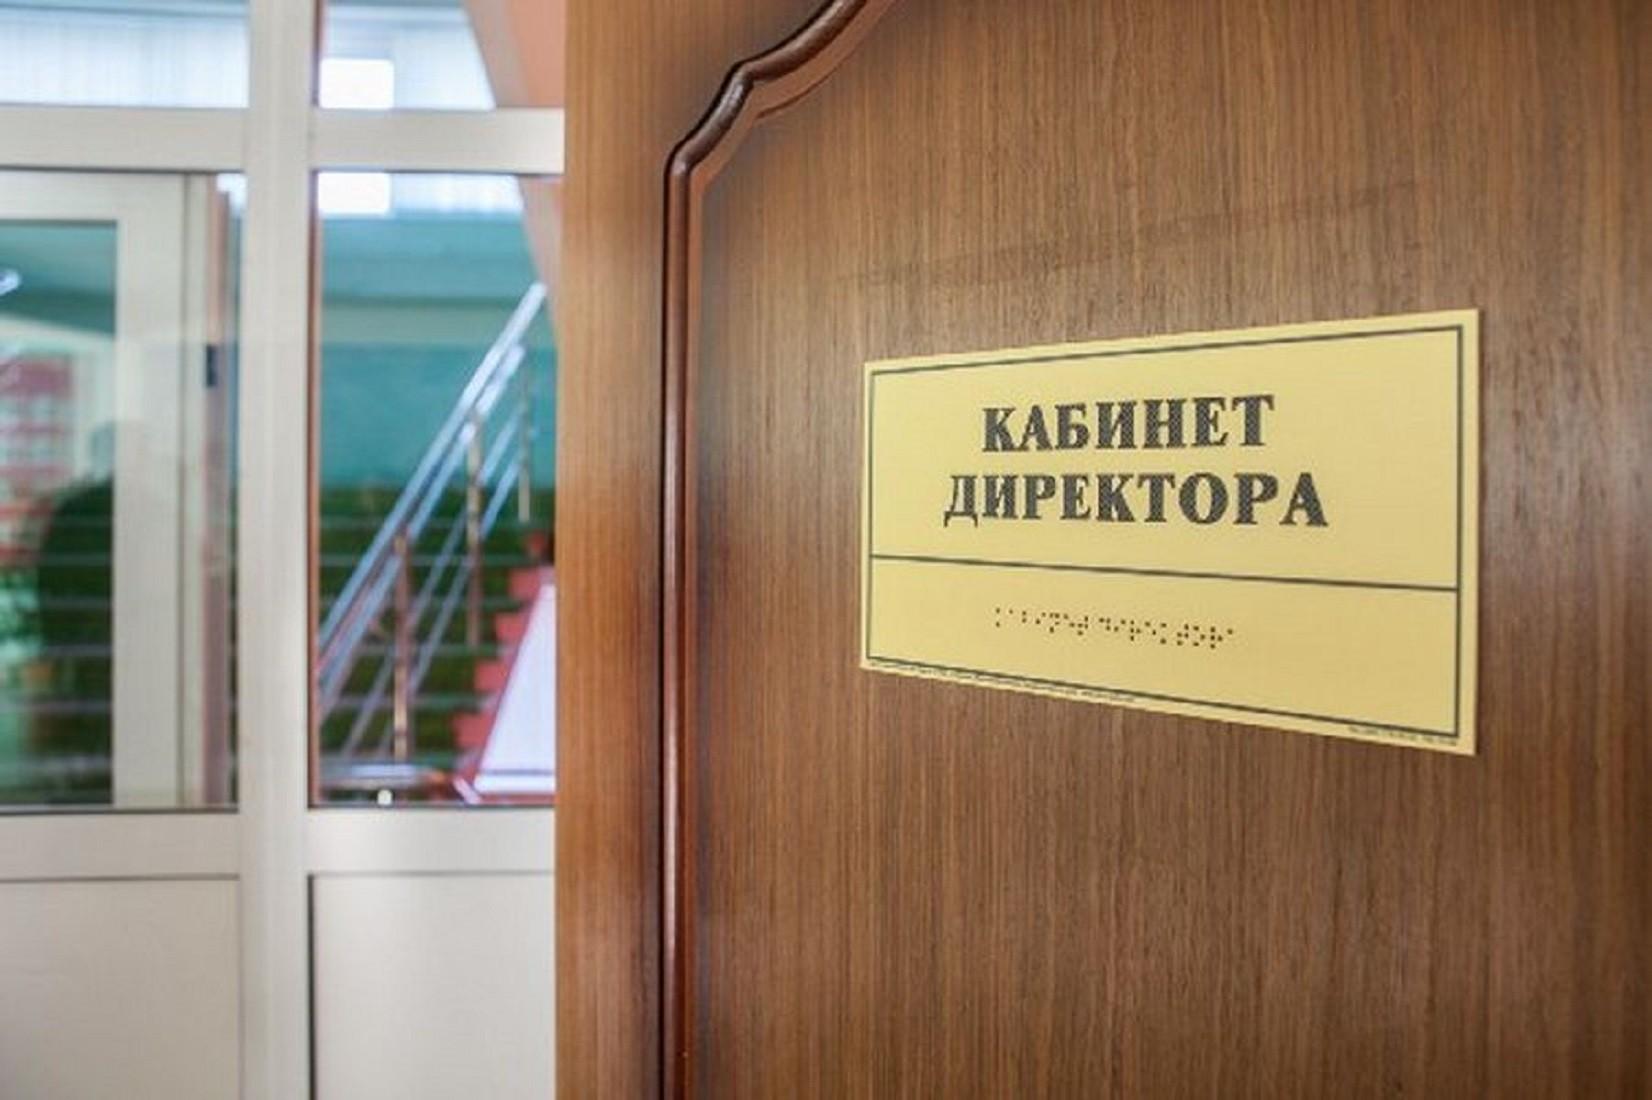 В омском предприятии «Пассажирсервис» сменился руководитель #Омск #Общество #Сегодня